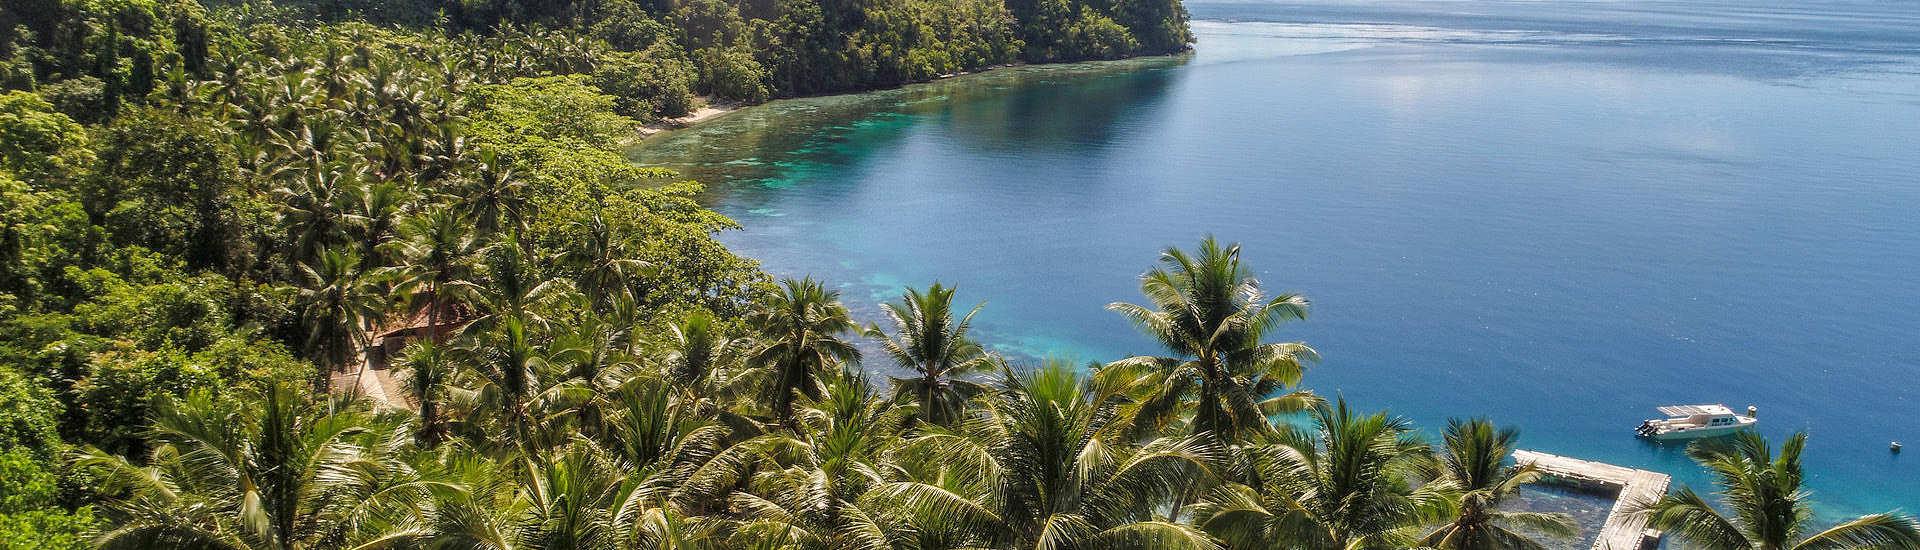 Blick auf die Sali Bay in Halmahera mit dem gleichnamigen Tauchresort